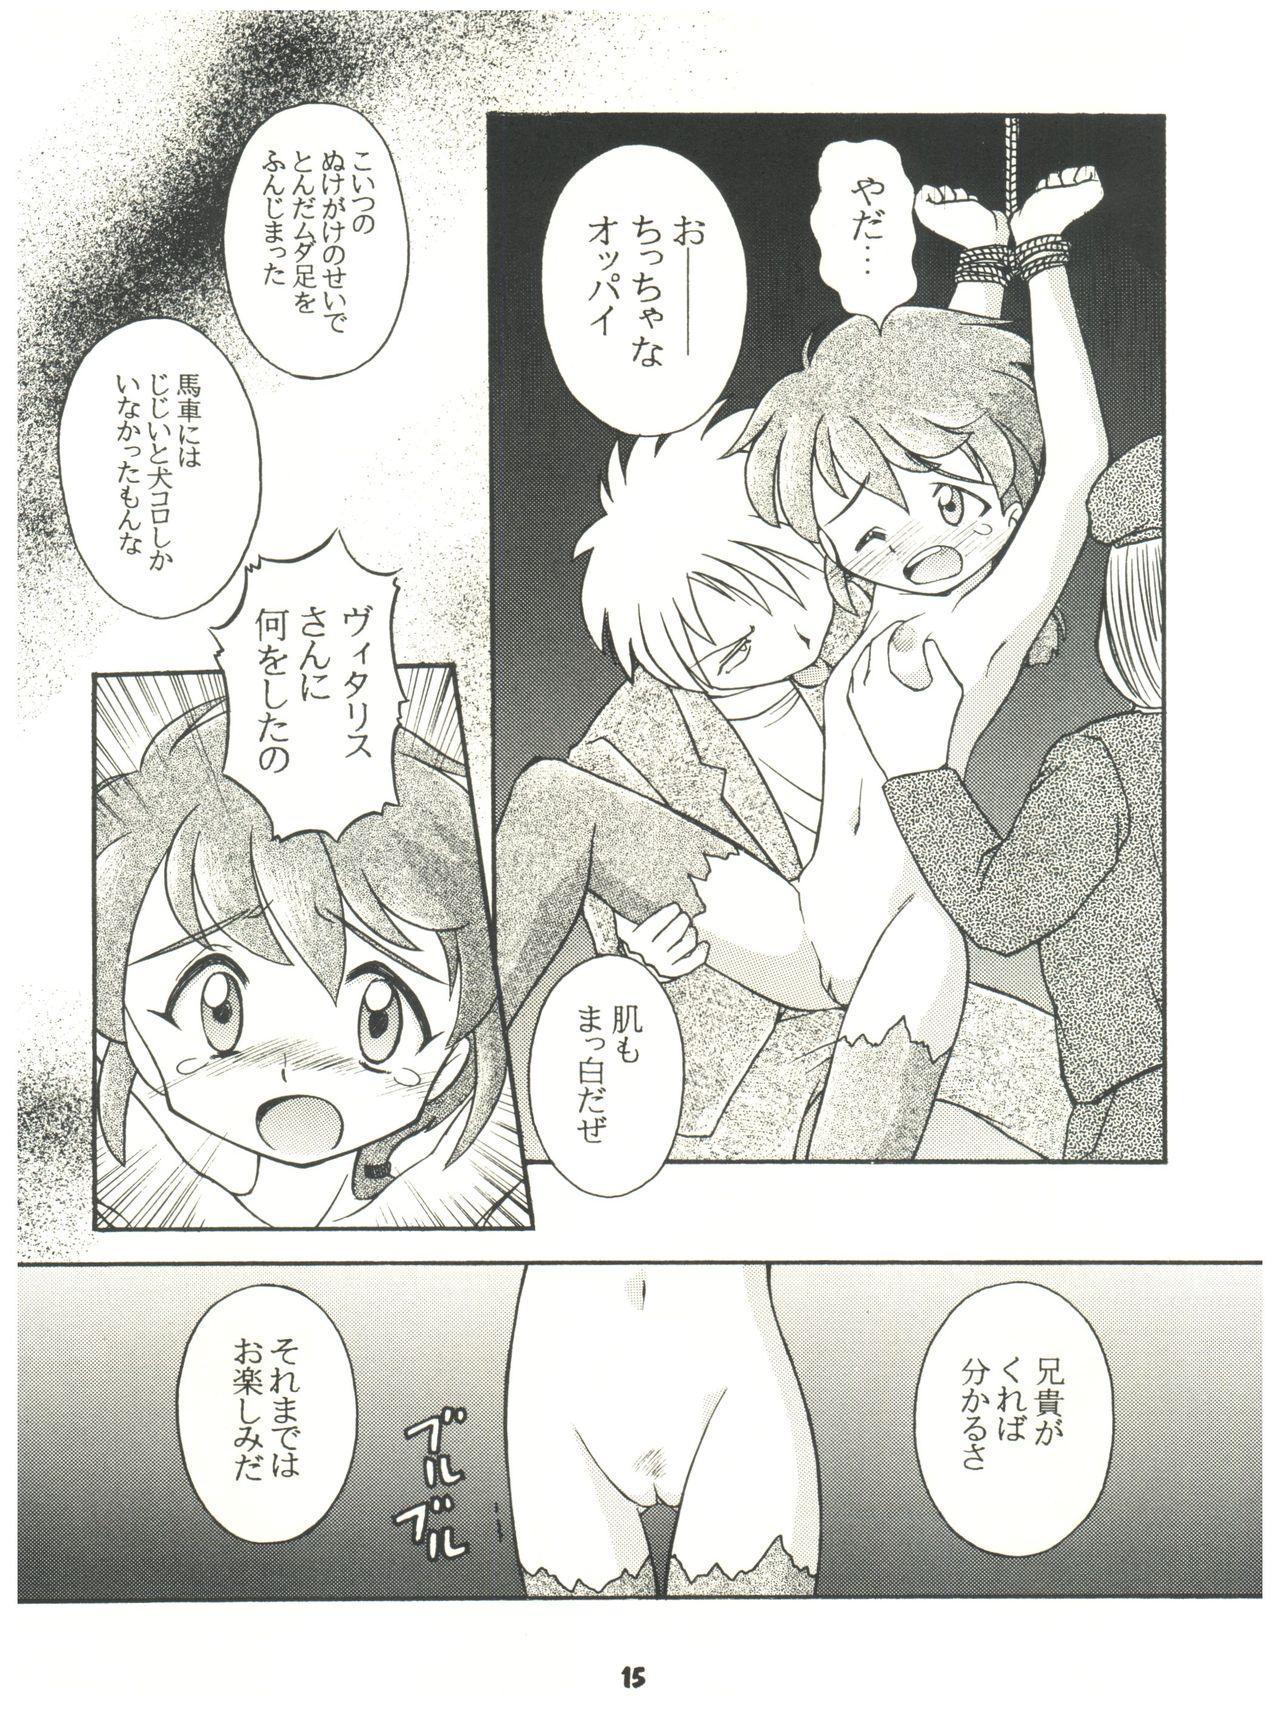 [Sairo Publishing (J. Sairo) En-Jack 2 (Various) 14